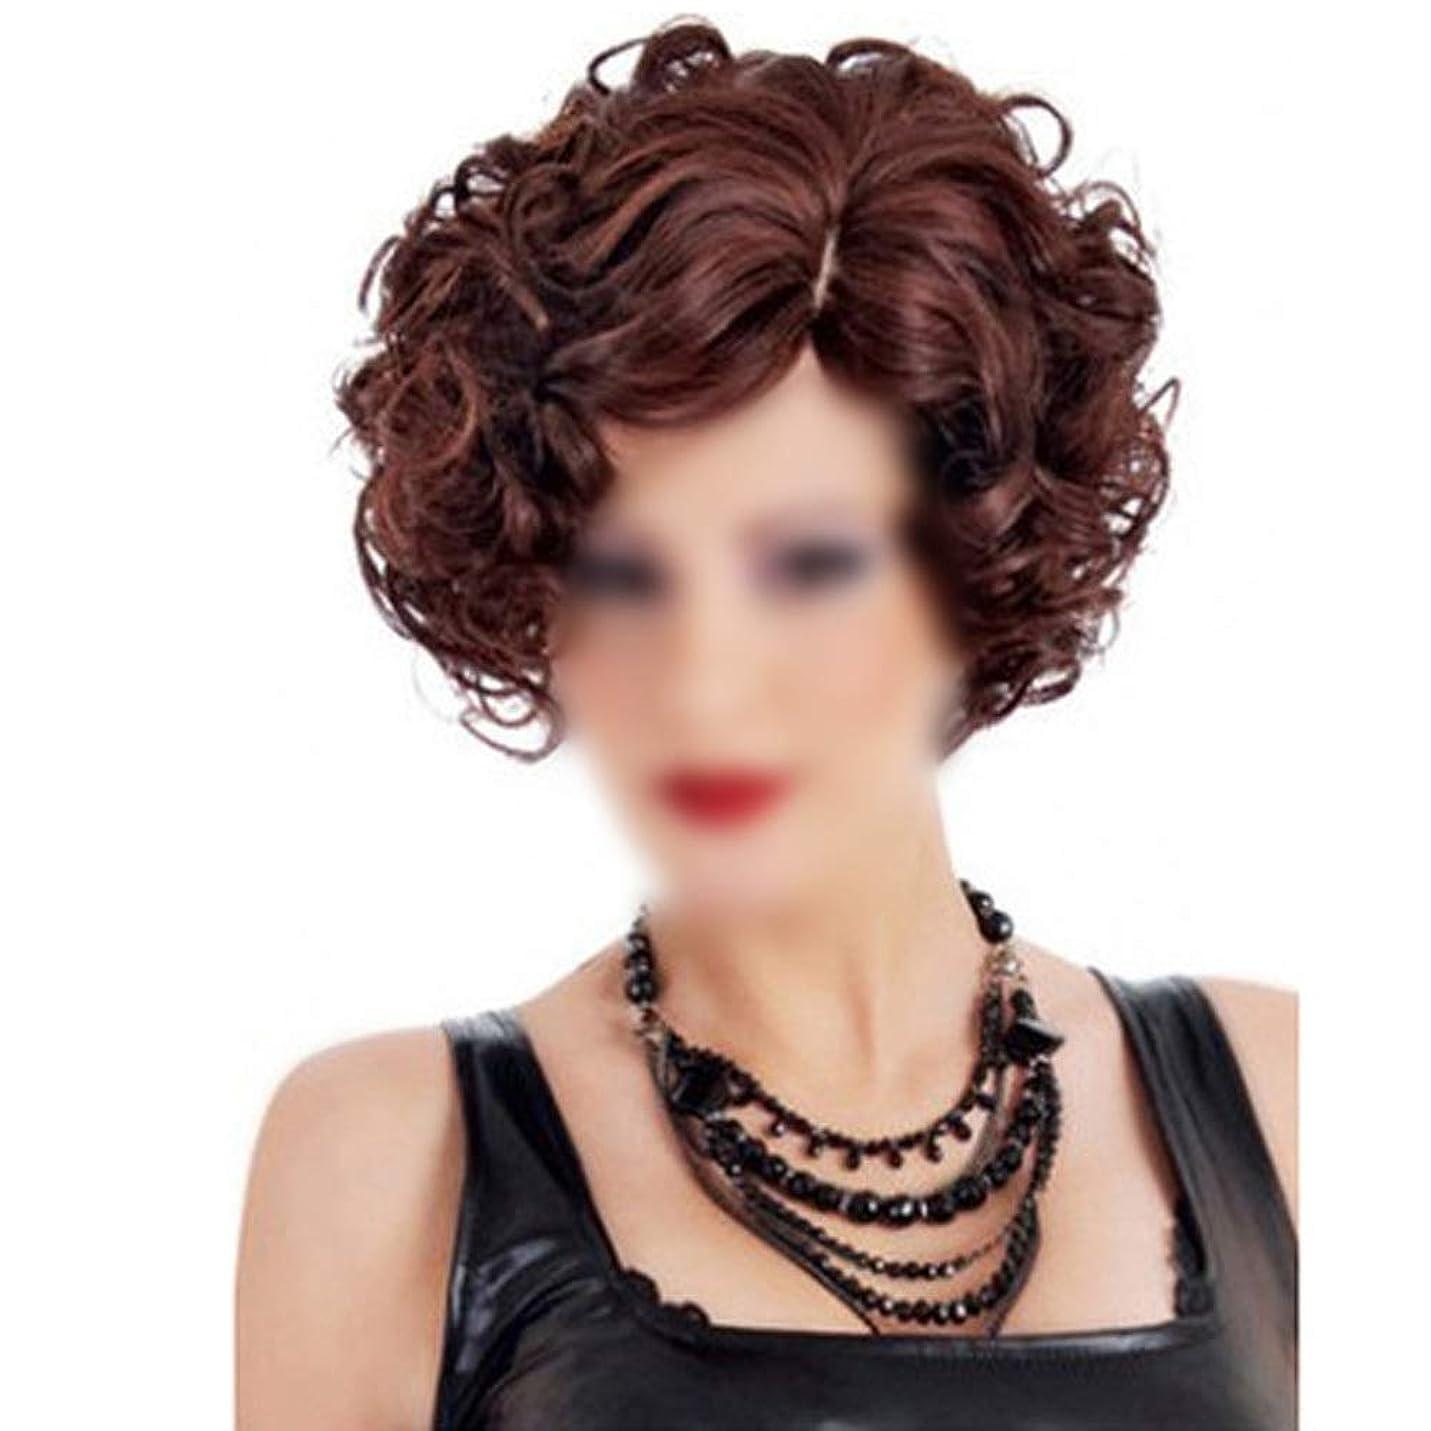 メジャー算術男やもめIsikawan マイクロウェーブのワインレッドの女性のローズネットかつら女性の短いストレートの髪 (色 : ワインレッド, サイズ : 30cm)